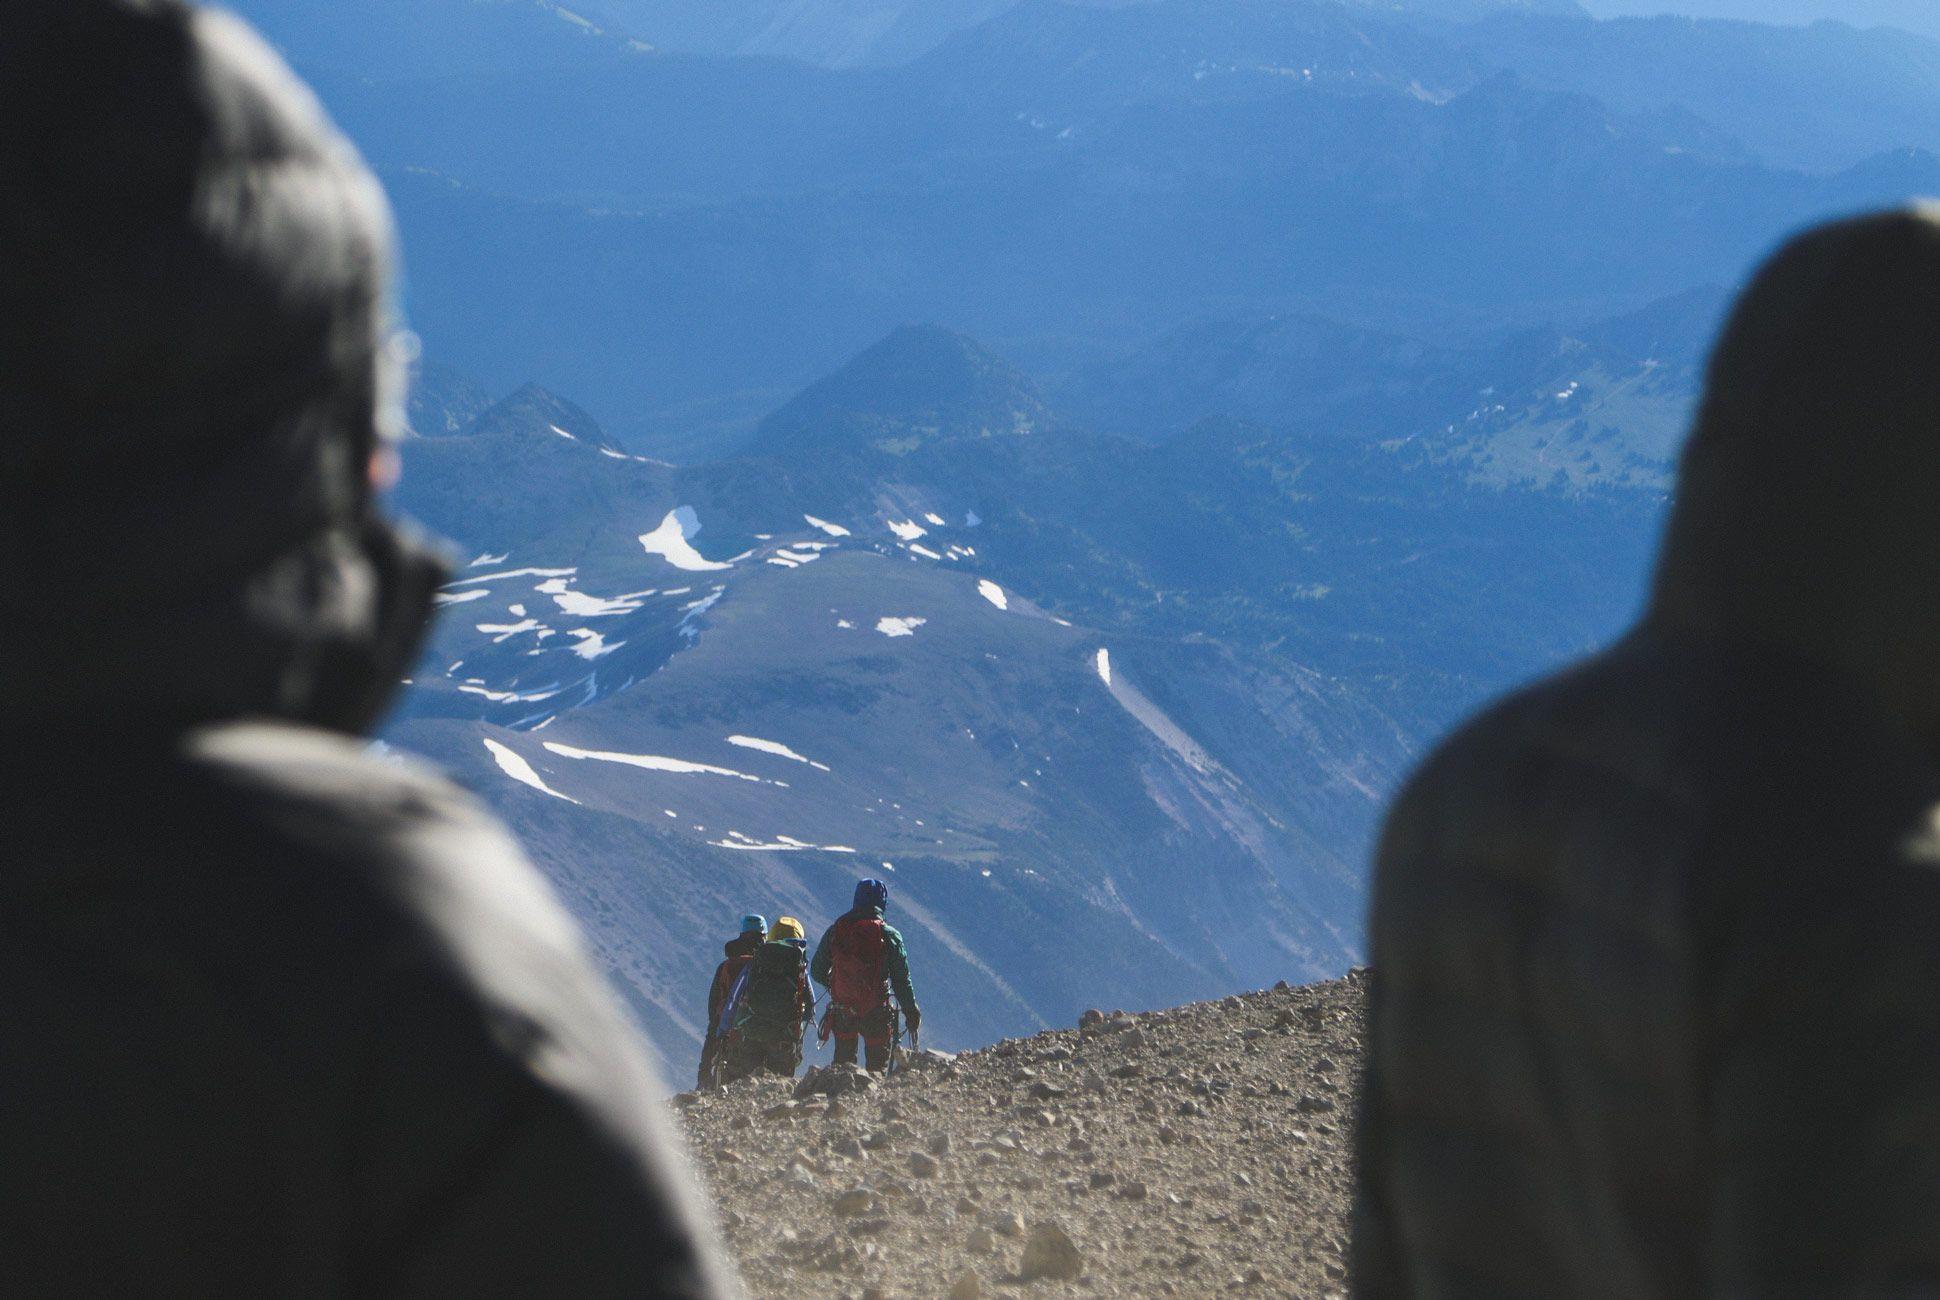 Ranier-Climb-Gear-Patrol-Slider-8